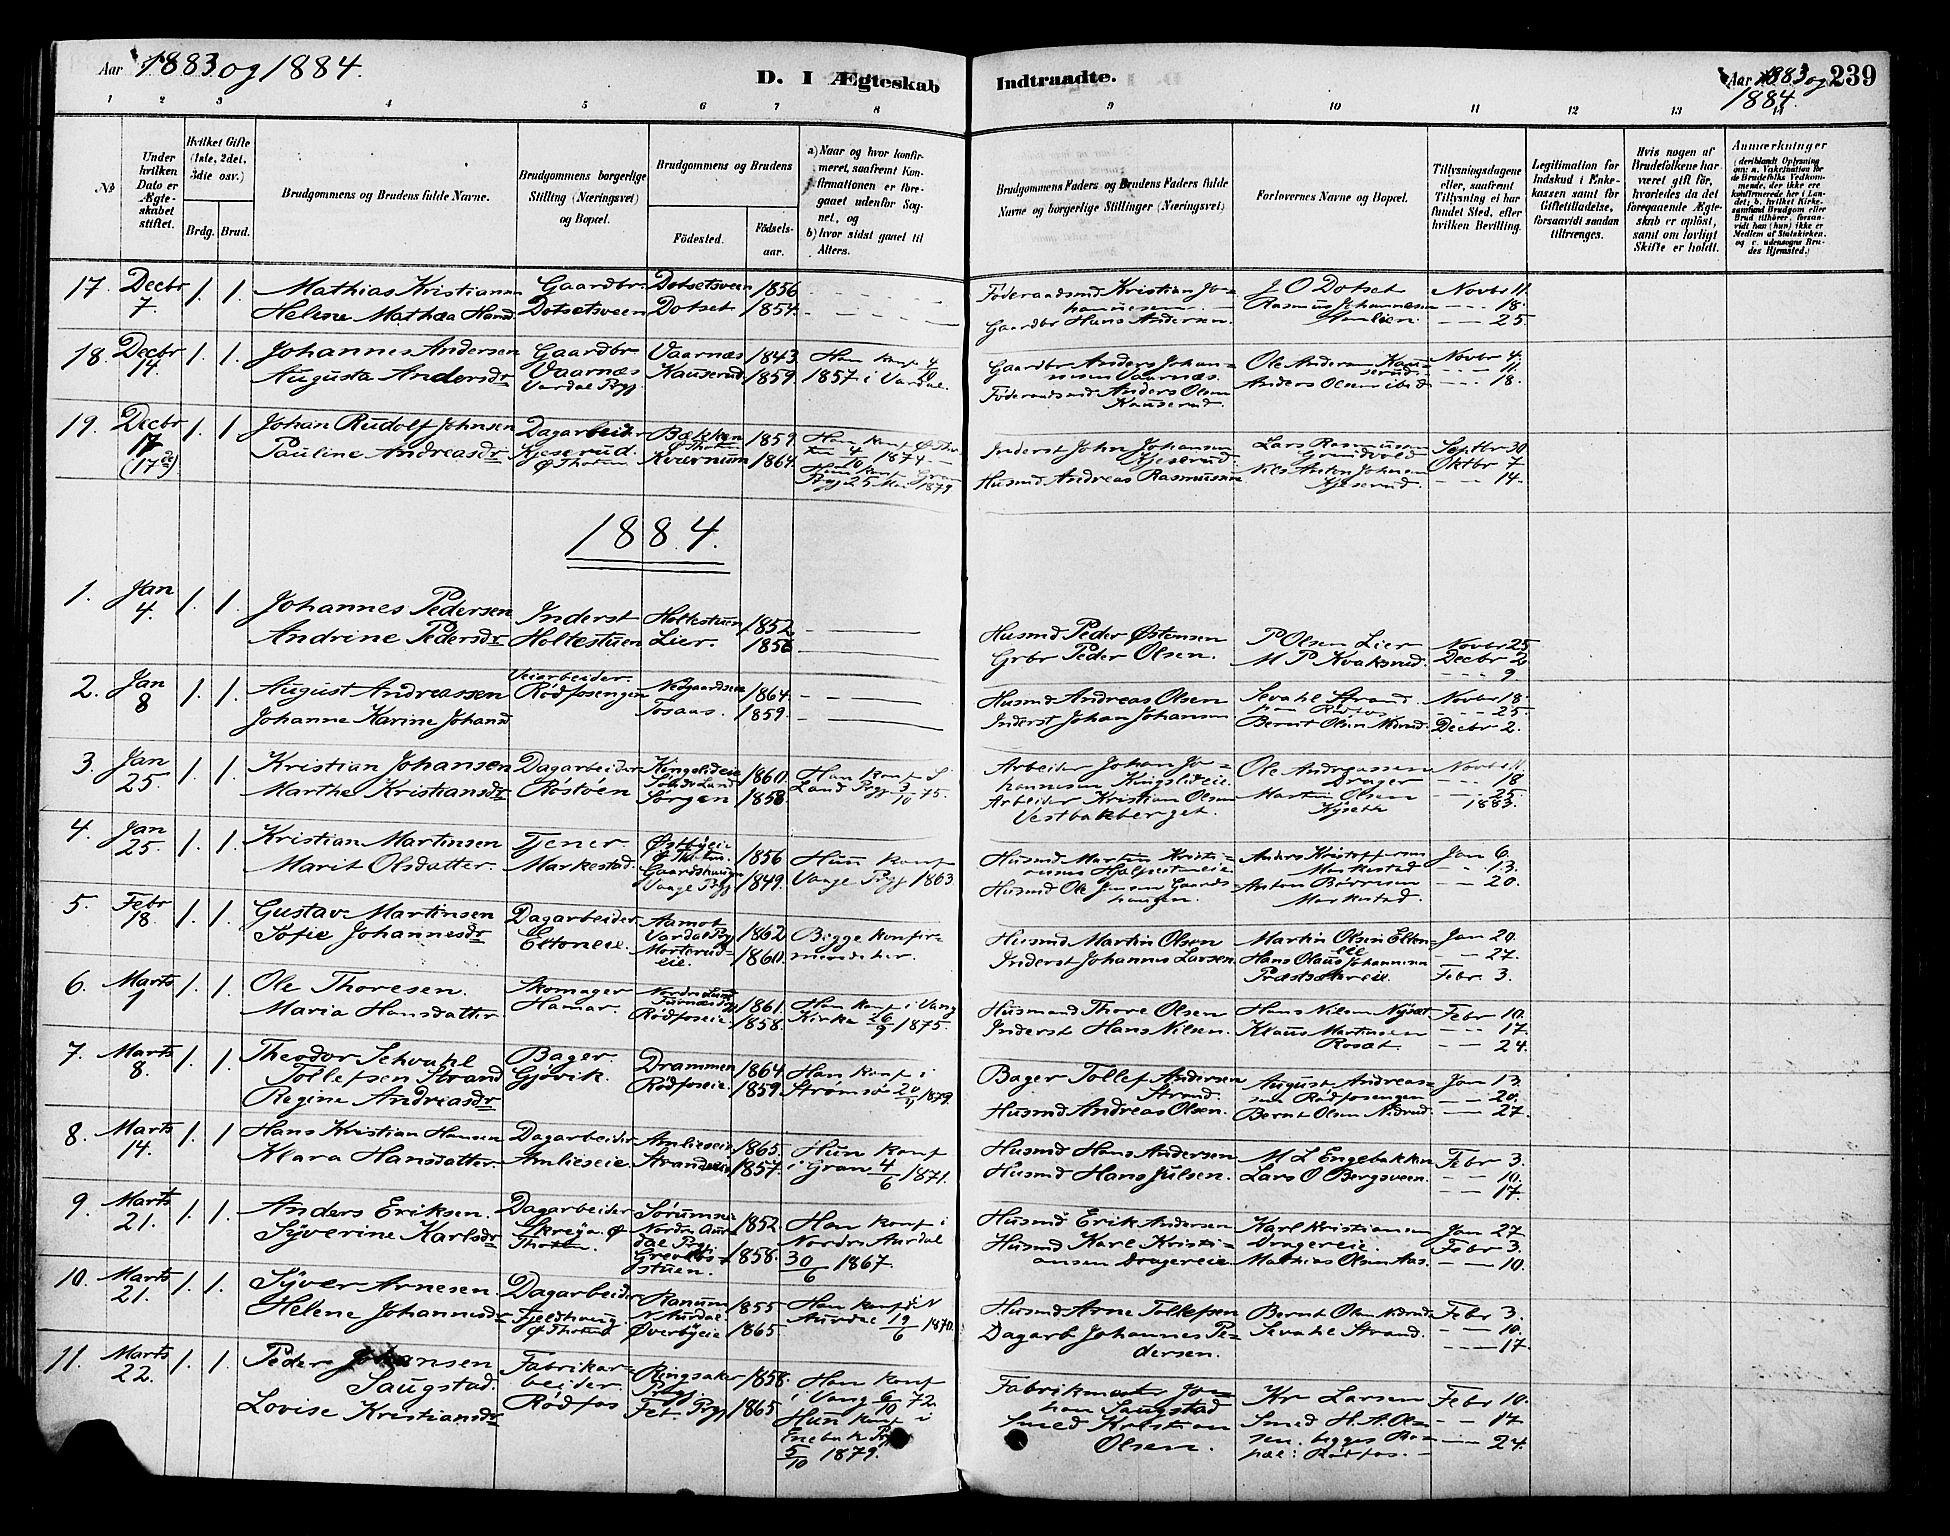 SAH, Vestre Toten prestekontor, Ministerialbok nr. 9, 1878-1894, s. 239